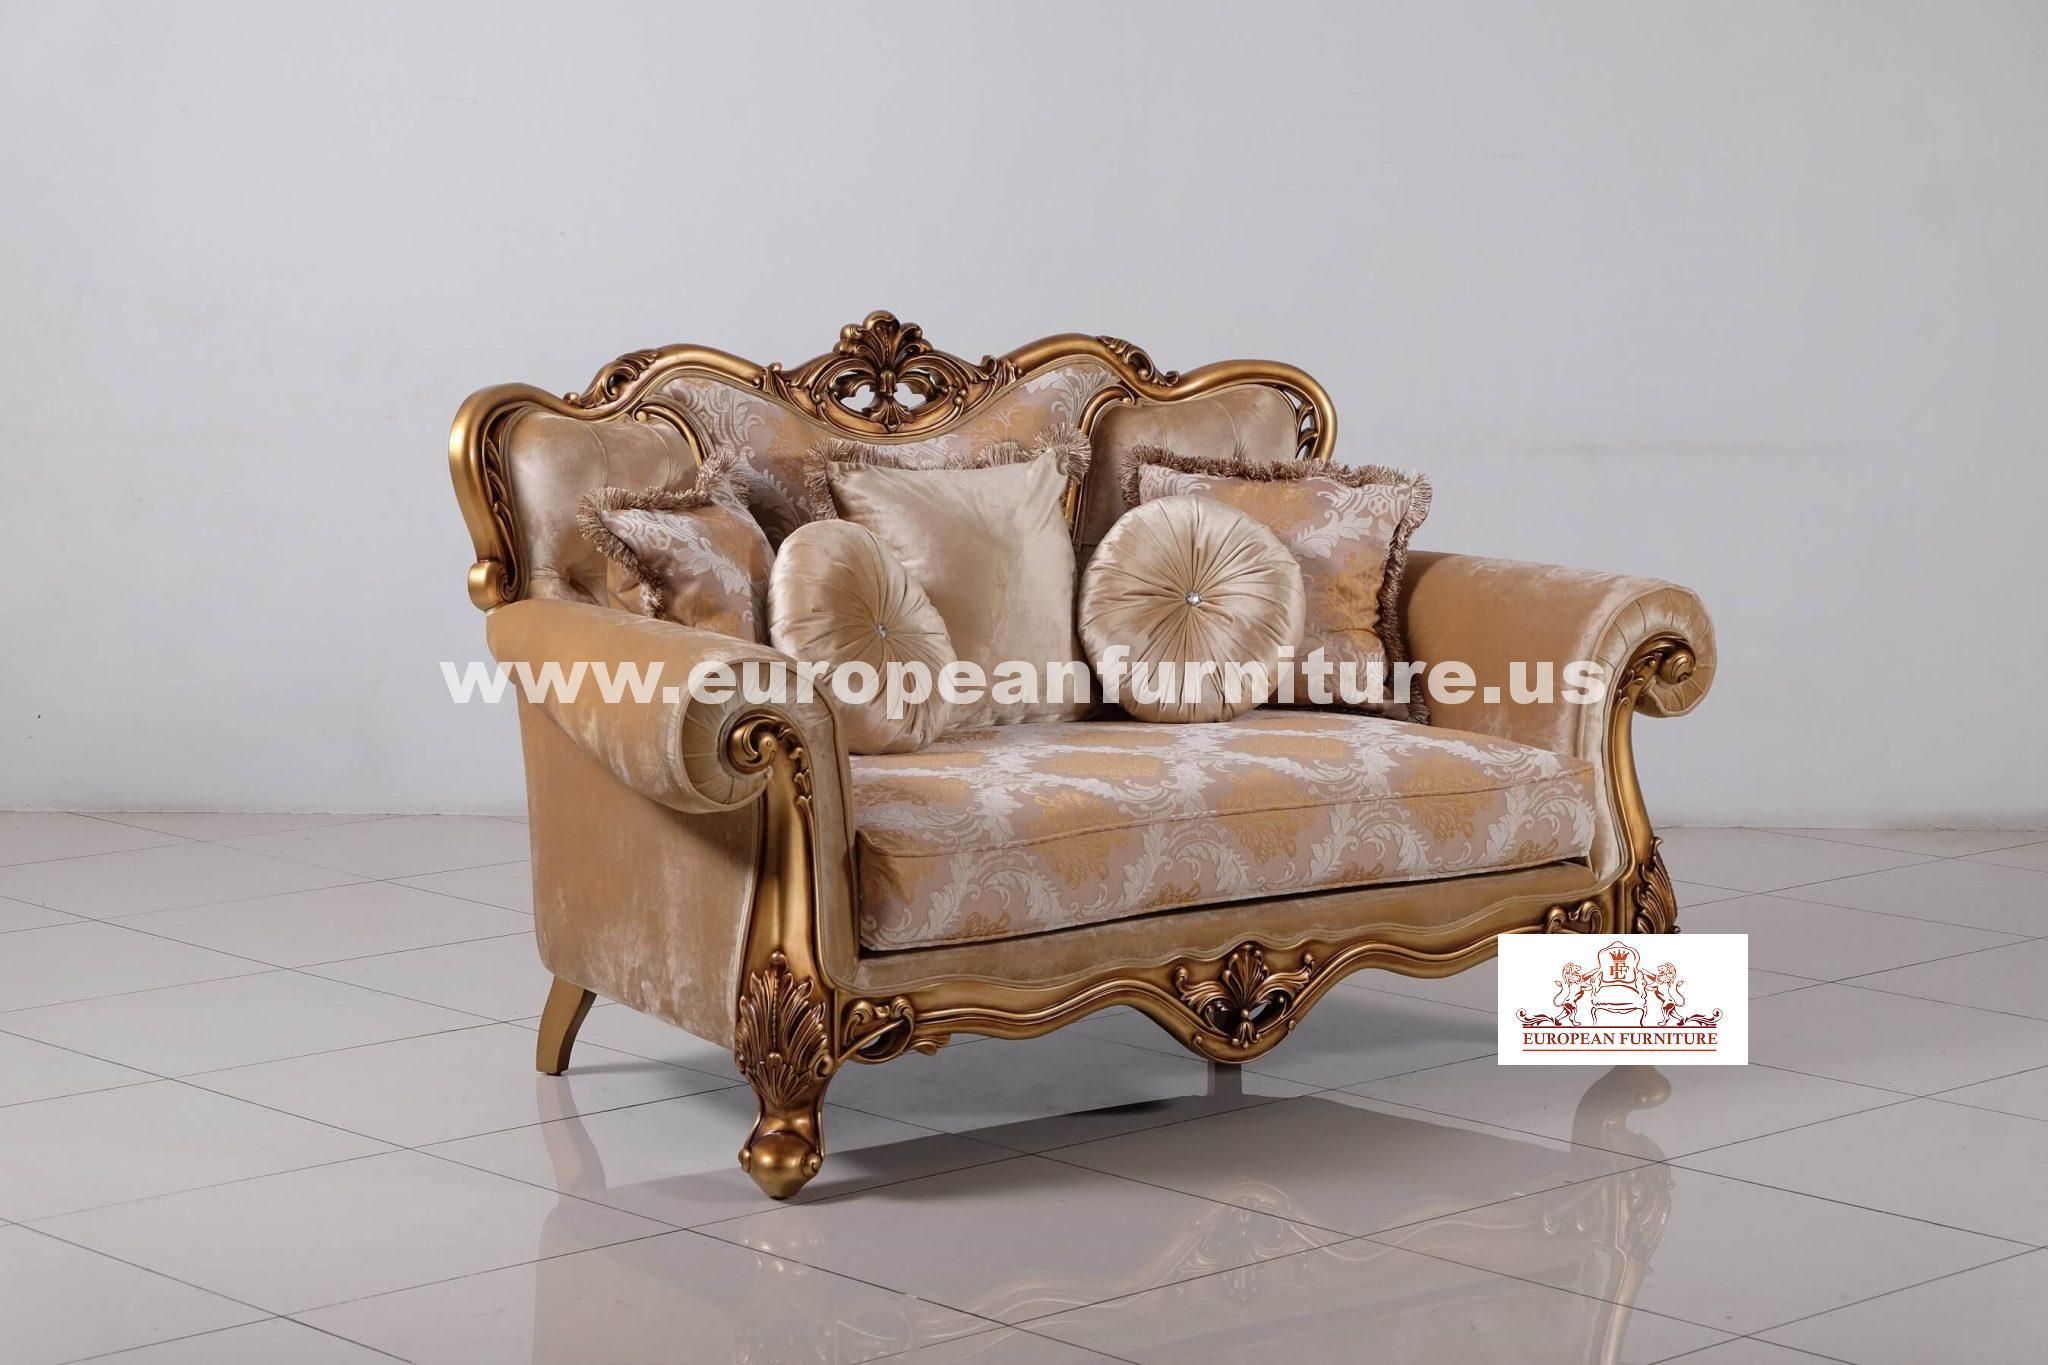 Cleopatra Luxury Sofa Set European Furniture